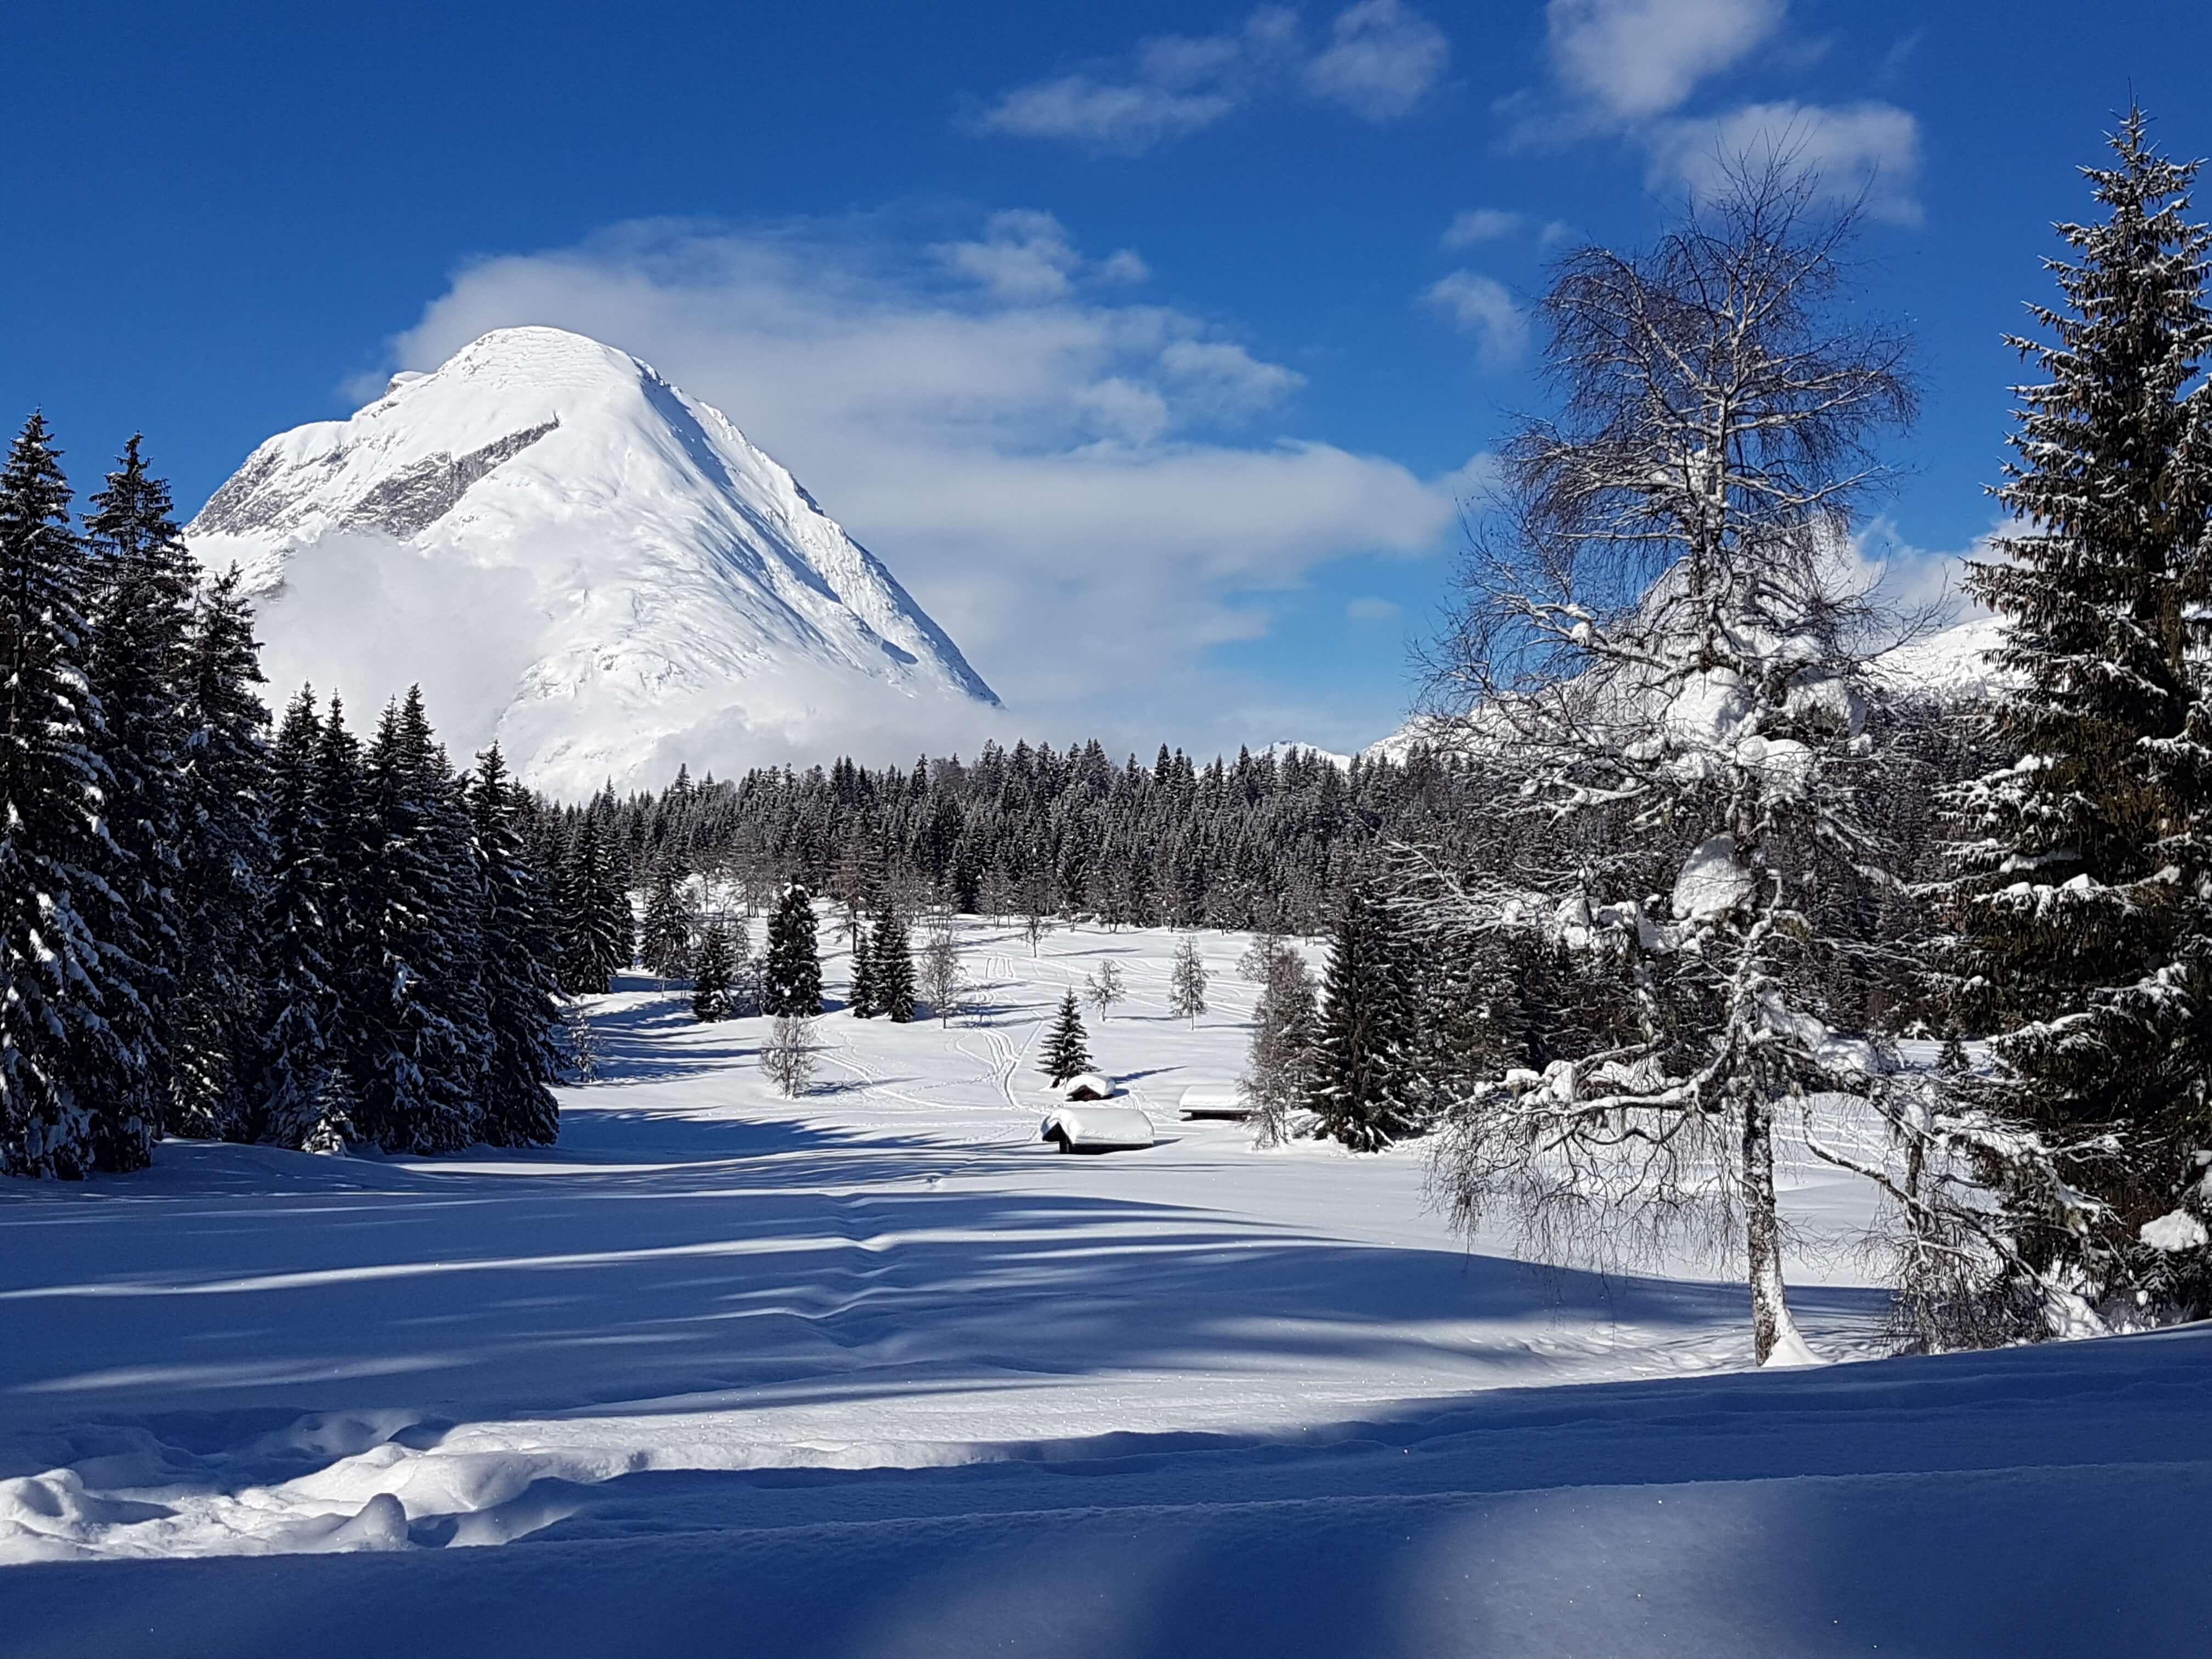 Bremer-Skiclub_Skireisen_Langlauf_Leutasch